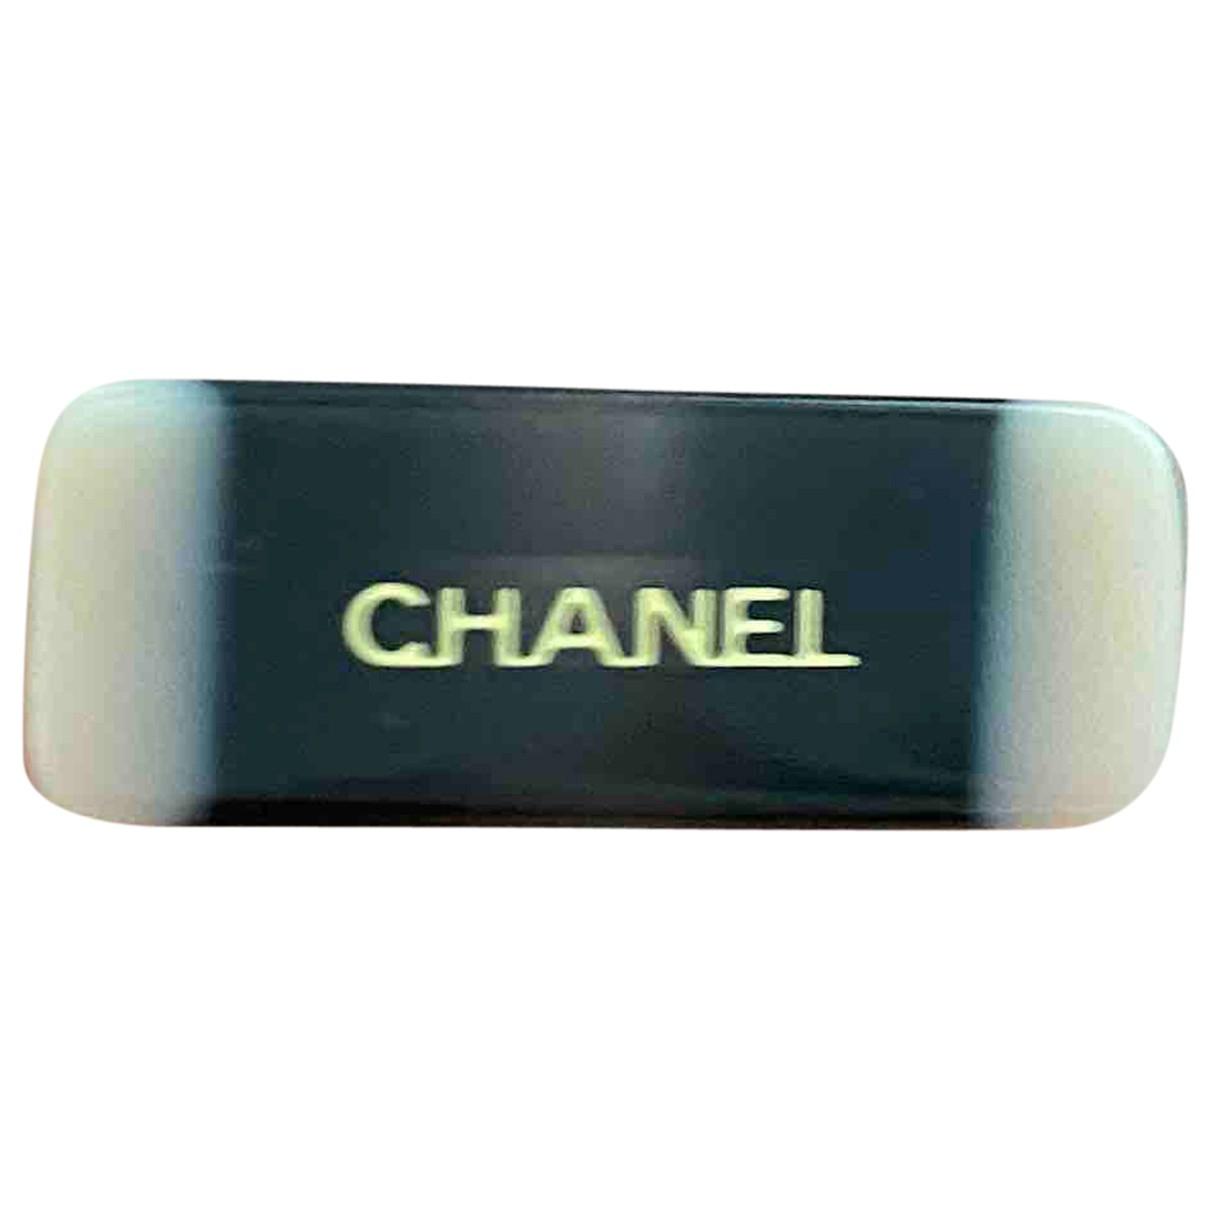 Chanel - Bague CHANEL pour femme - noir